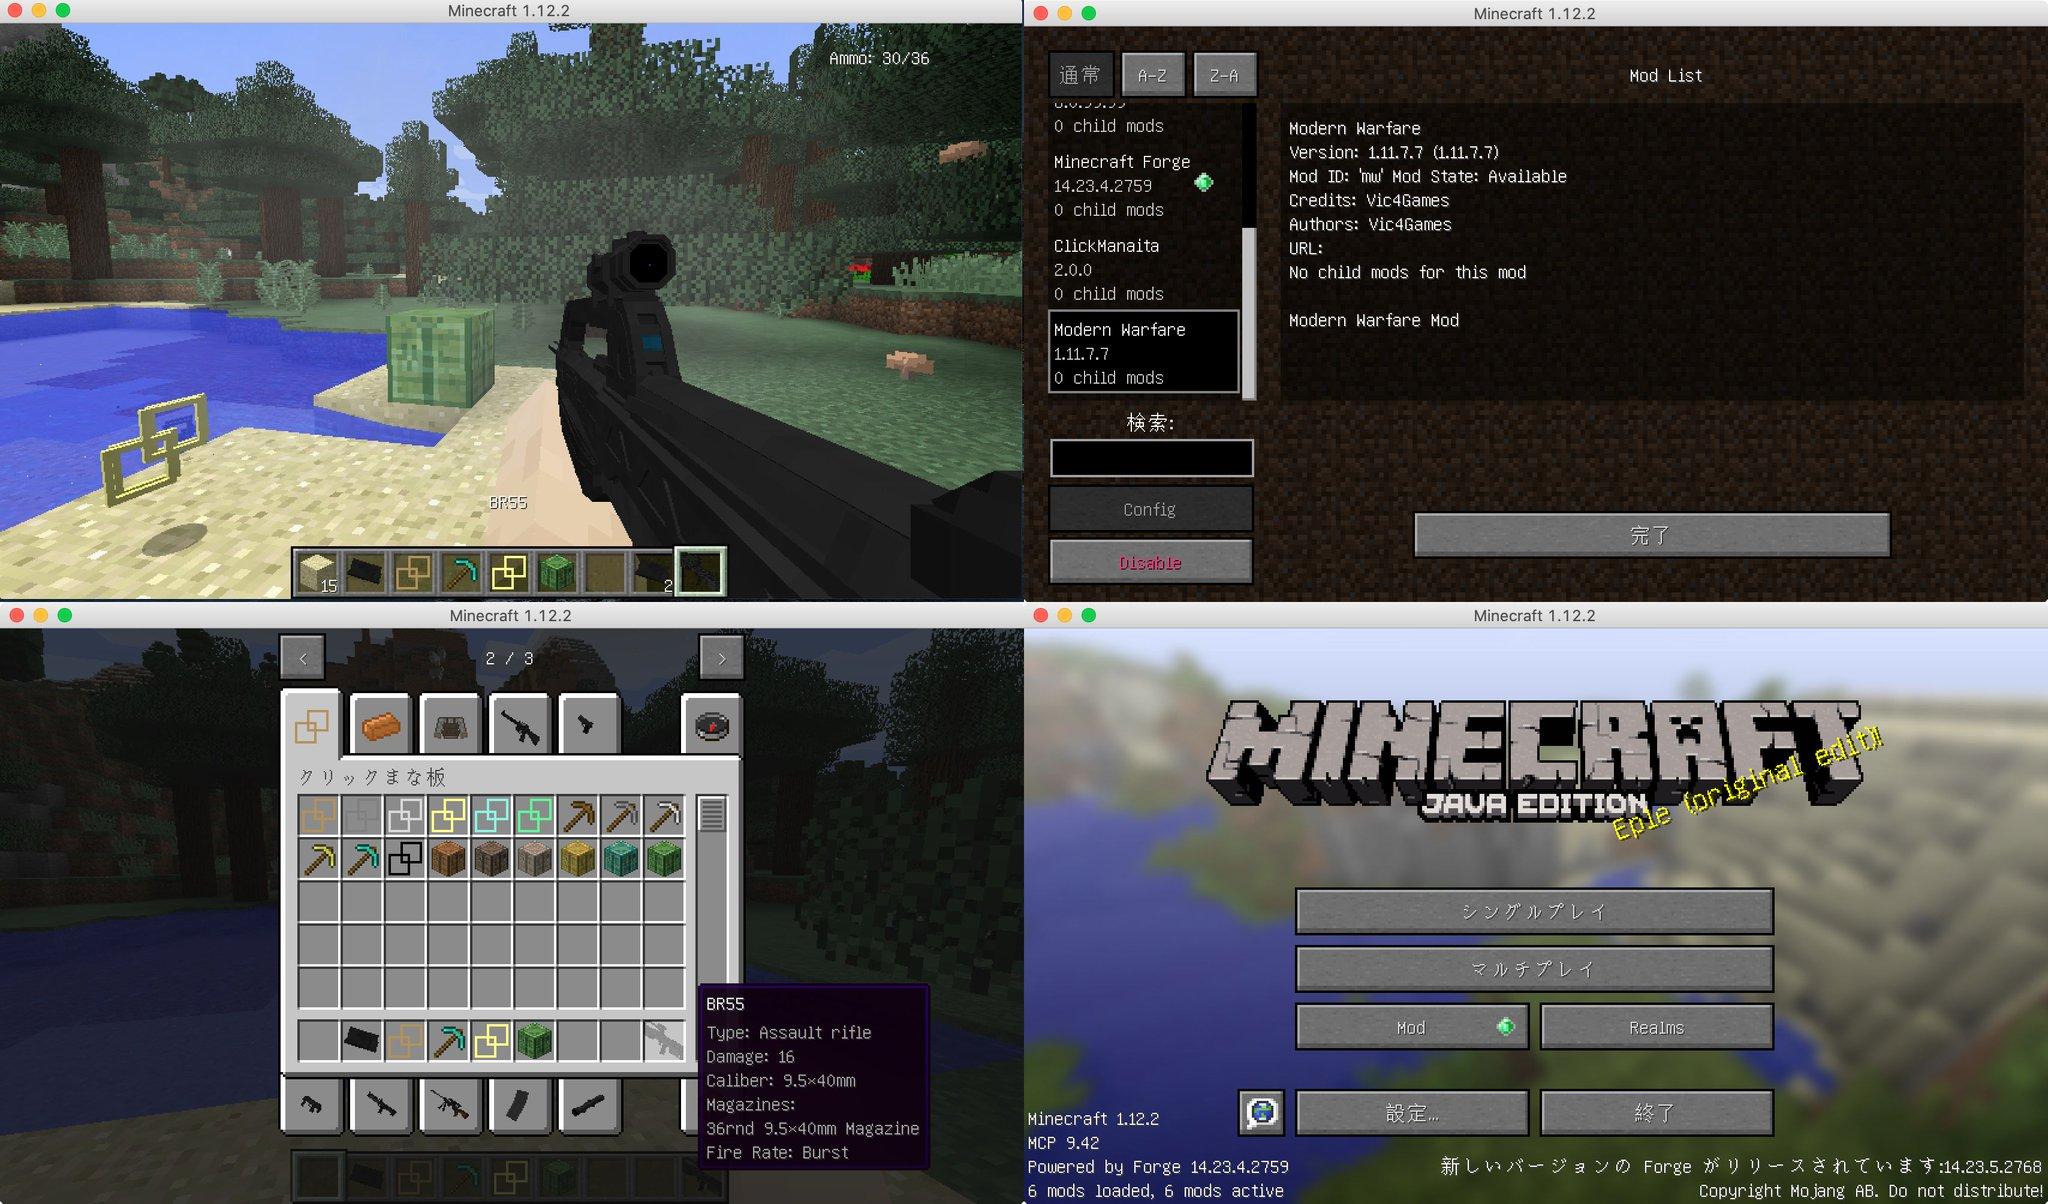 Minecraft Java Edition に Vic's Modern Warfare Mod という銃 MOD なるものを導入。Forge 1.12.2 の最新版ではクラッシュしたので java -jar forge-1.12.2-14.23.4.2759-installer.jar と古いバージョンを入れて動かす。 https://t.co/MiHNKIE24b